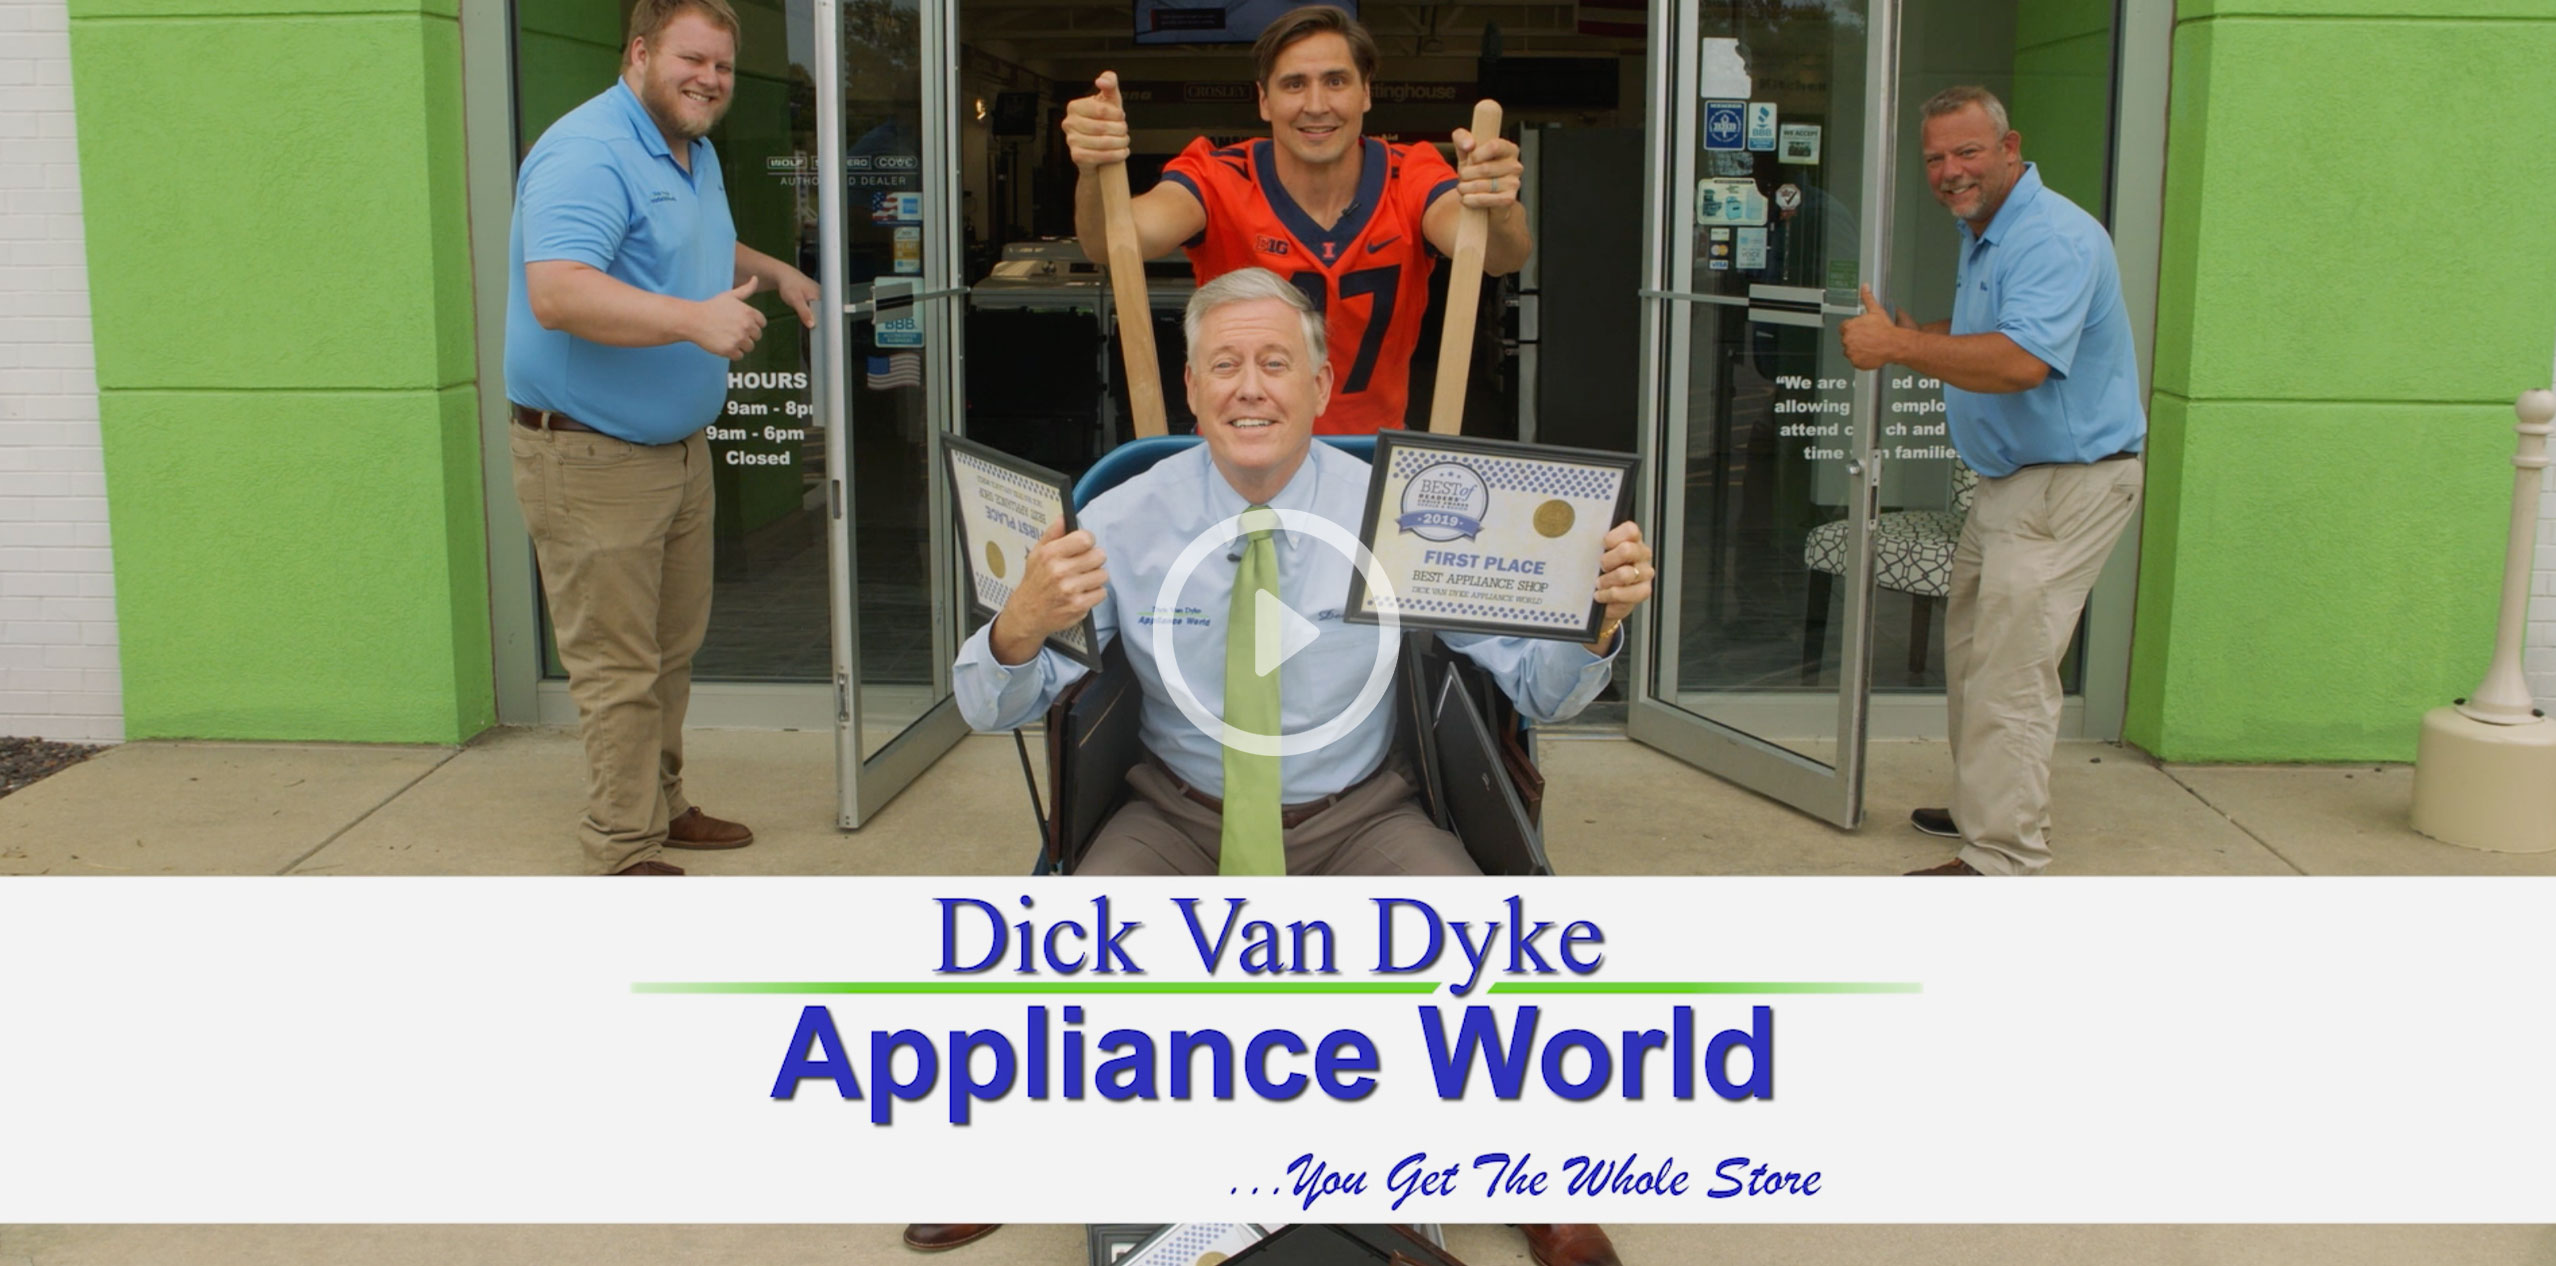 Dick Van Dyke Appliance store video